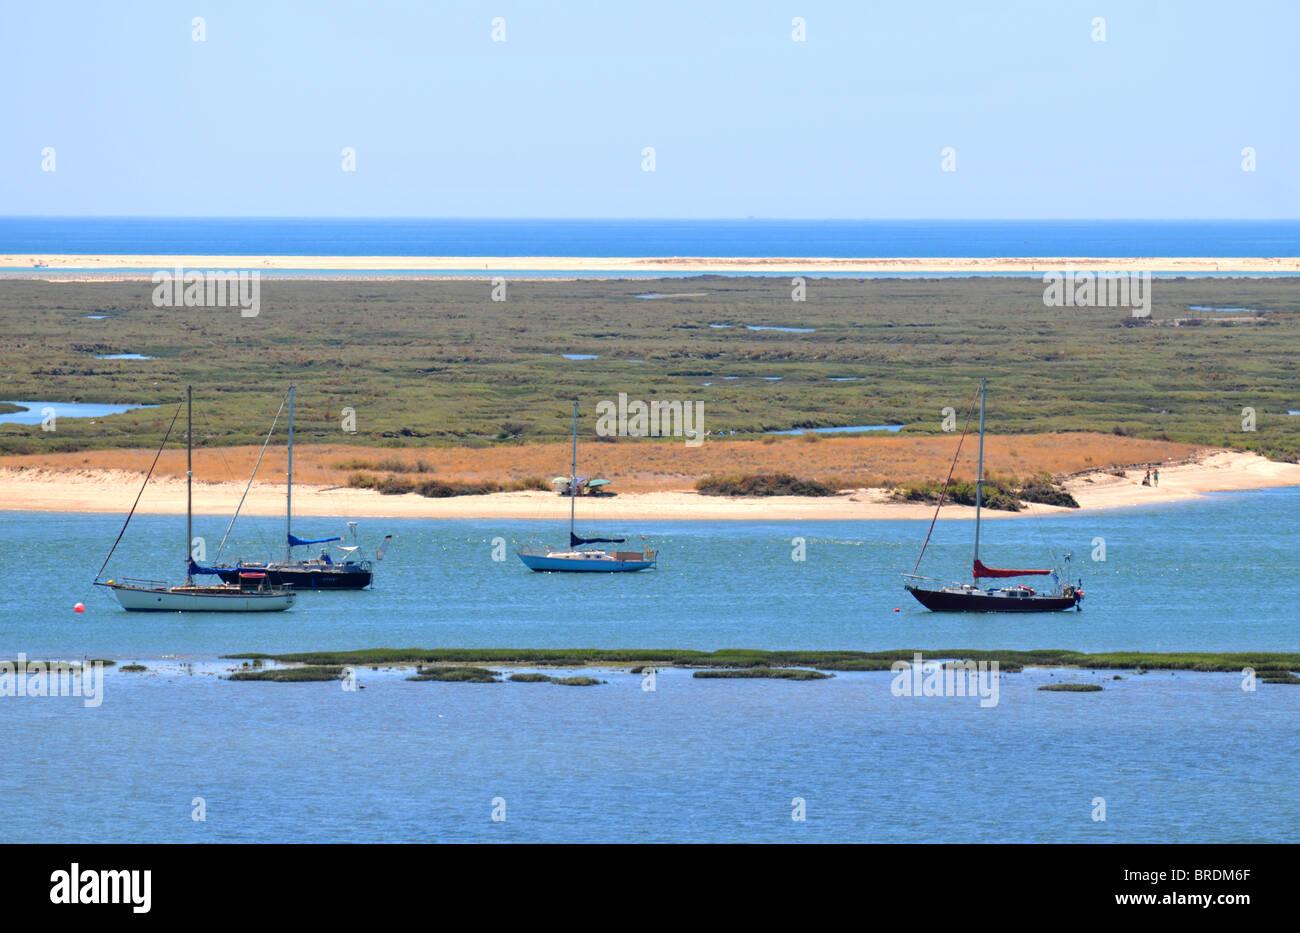 Coastline at Faro, The Algarve, Portugal - Stock Image